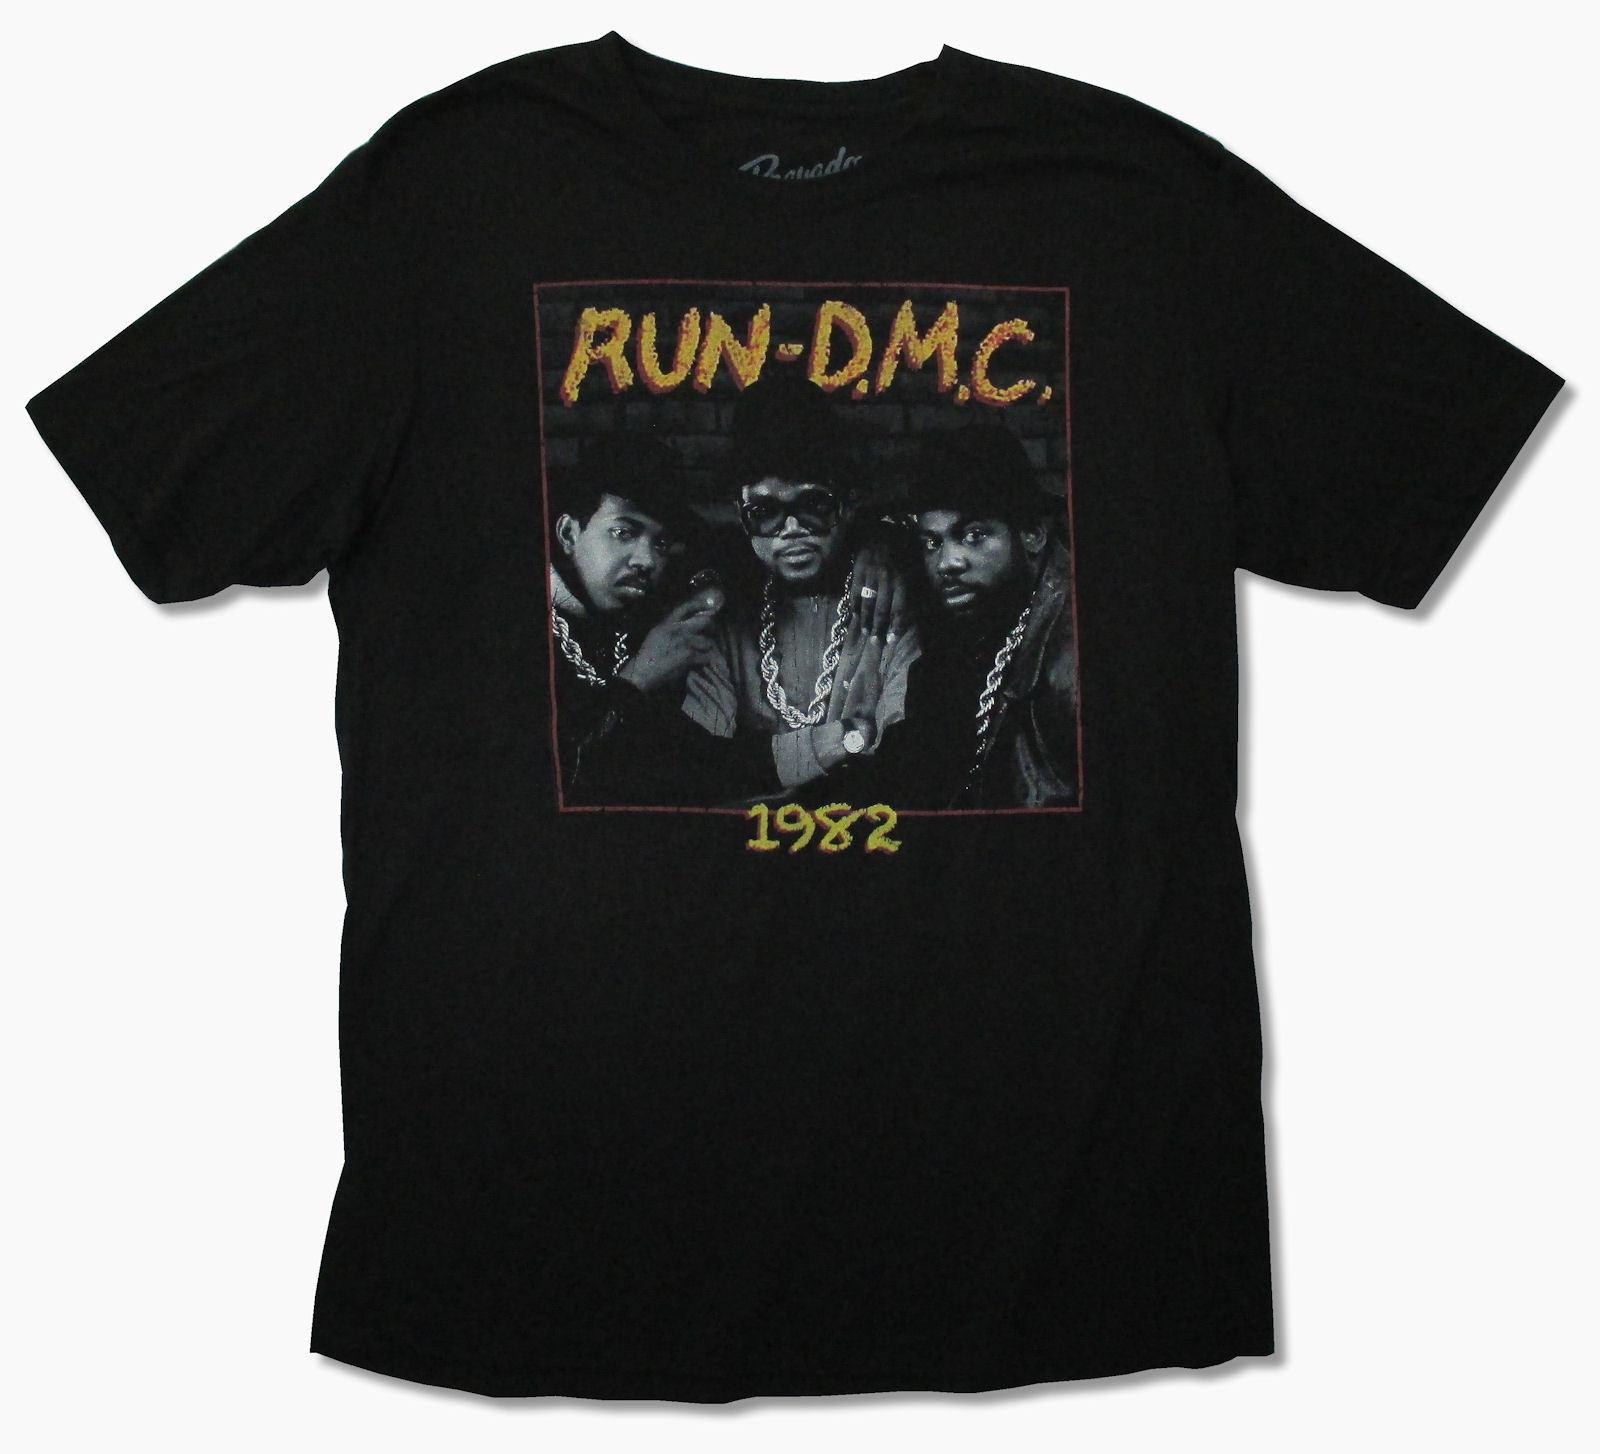 RUNER D.M.C. 1982 Черная футболка новый официальный взрослый рэп хип-хоп танец Группа Музыка рукавом летняя футболка Для мужчин футболки, топы, од...